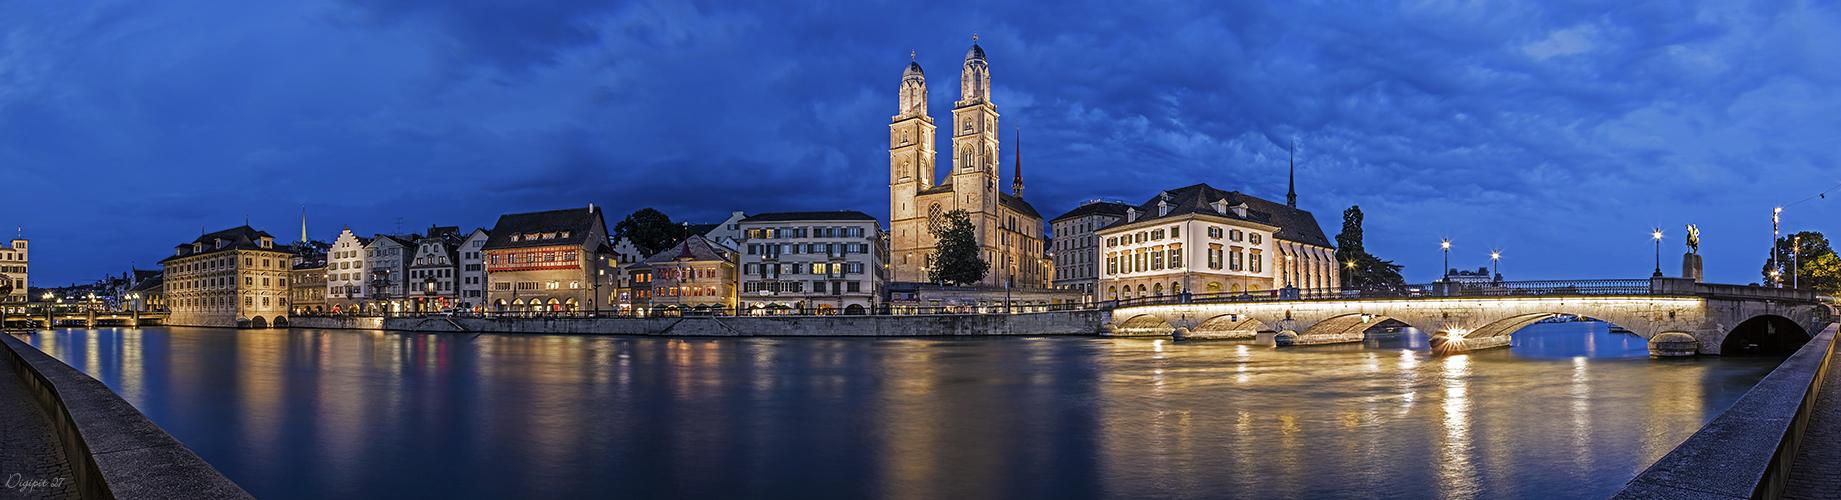 Zürich 2013-3